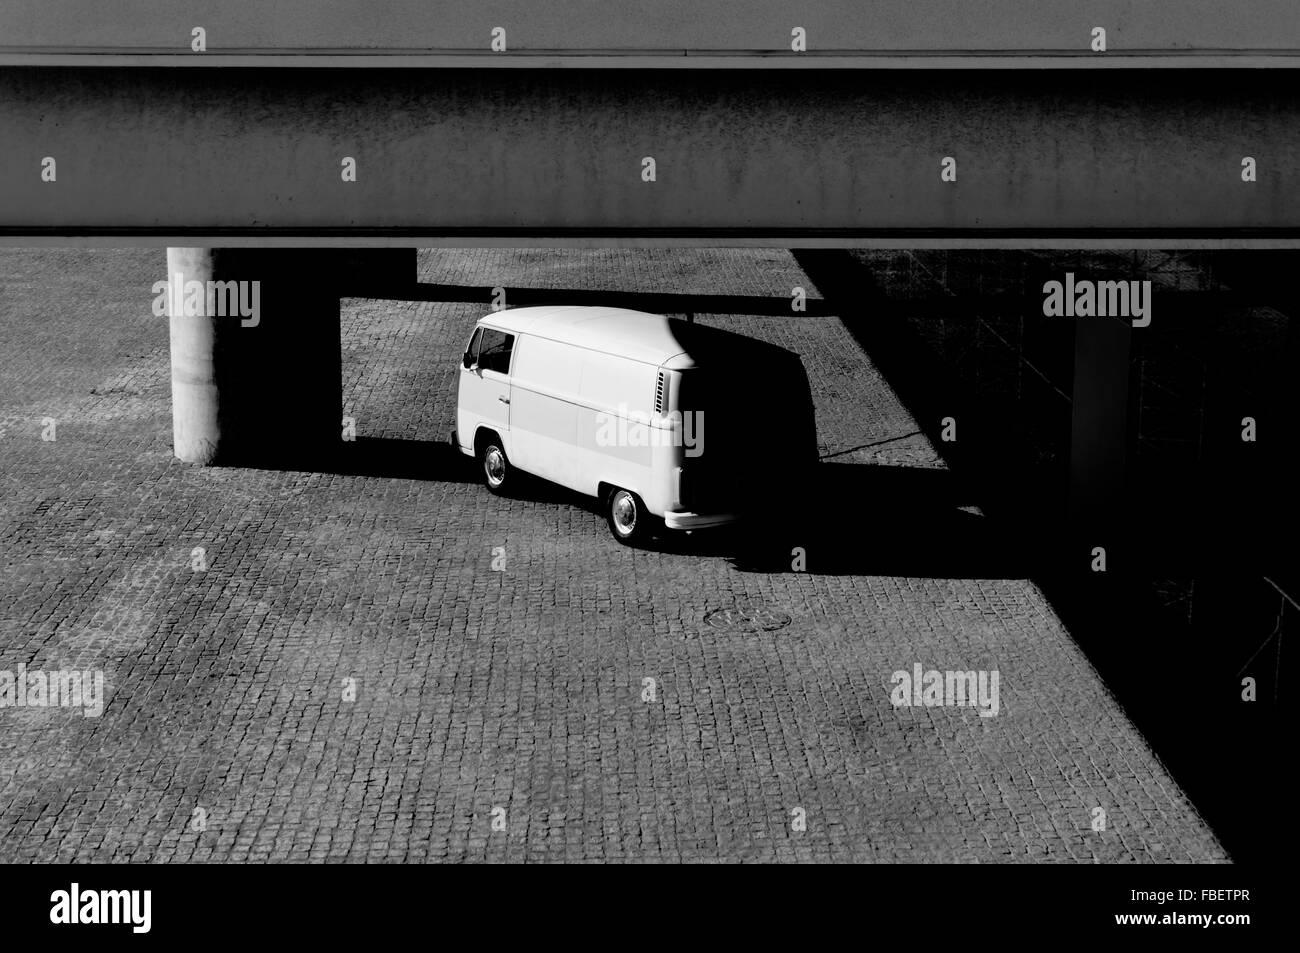 Low Angle View Of Van ci-dessous des capacités en stationnement Photo Stock